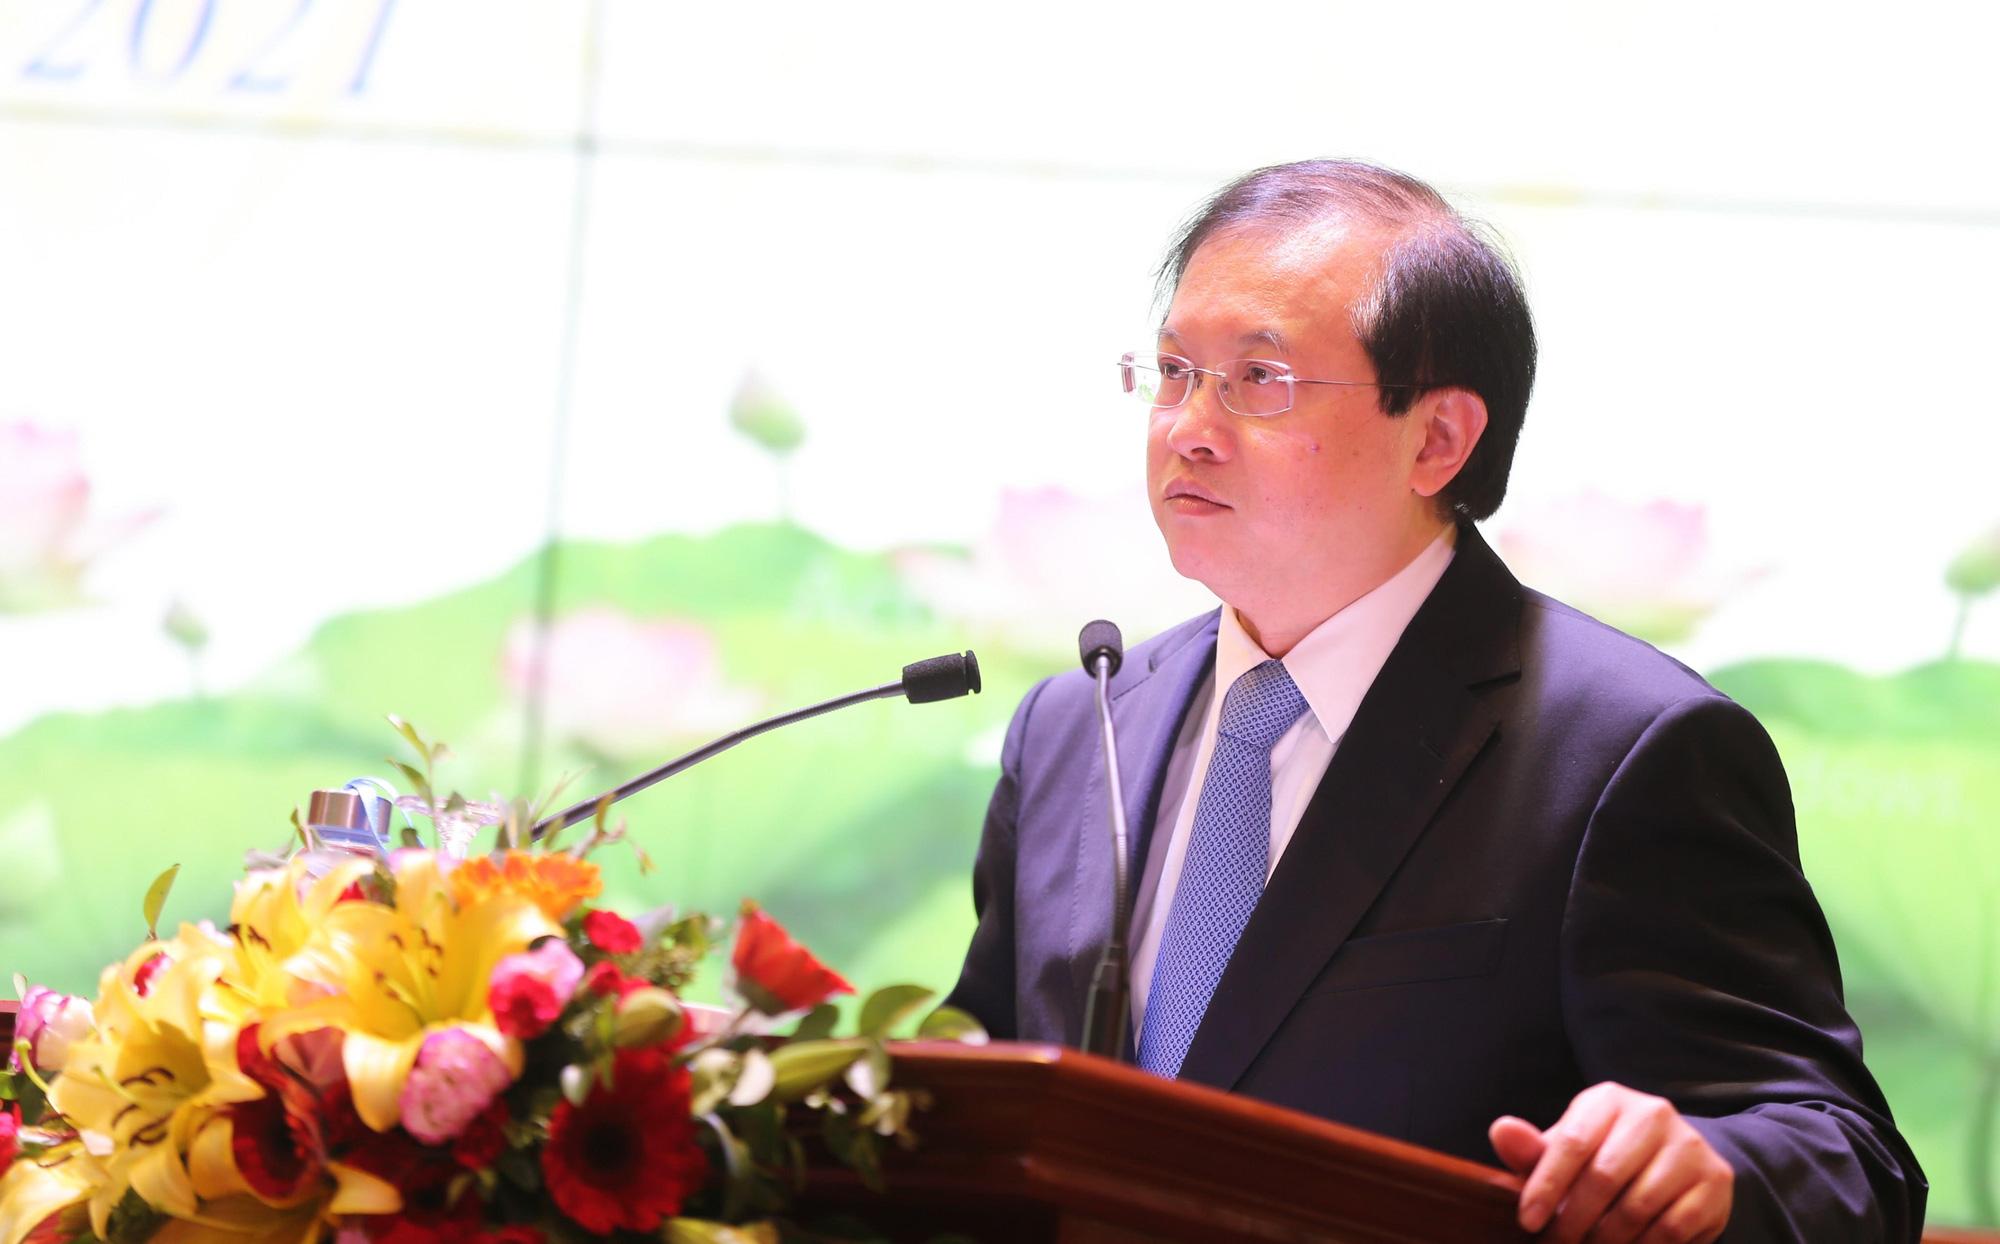 Đảng ủy Bộ VHTTDL tổng kết công tác xây dựng Đảng năm 2020 - Ảnh 2.